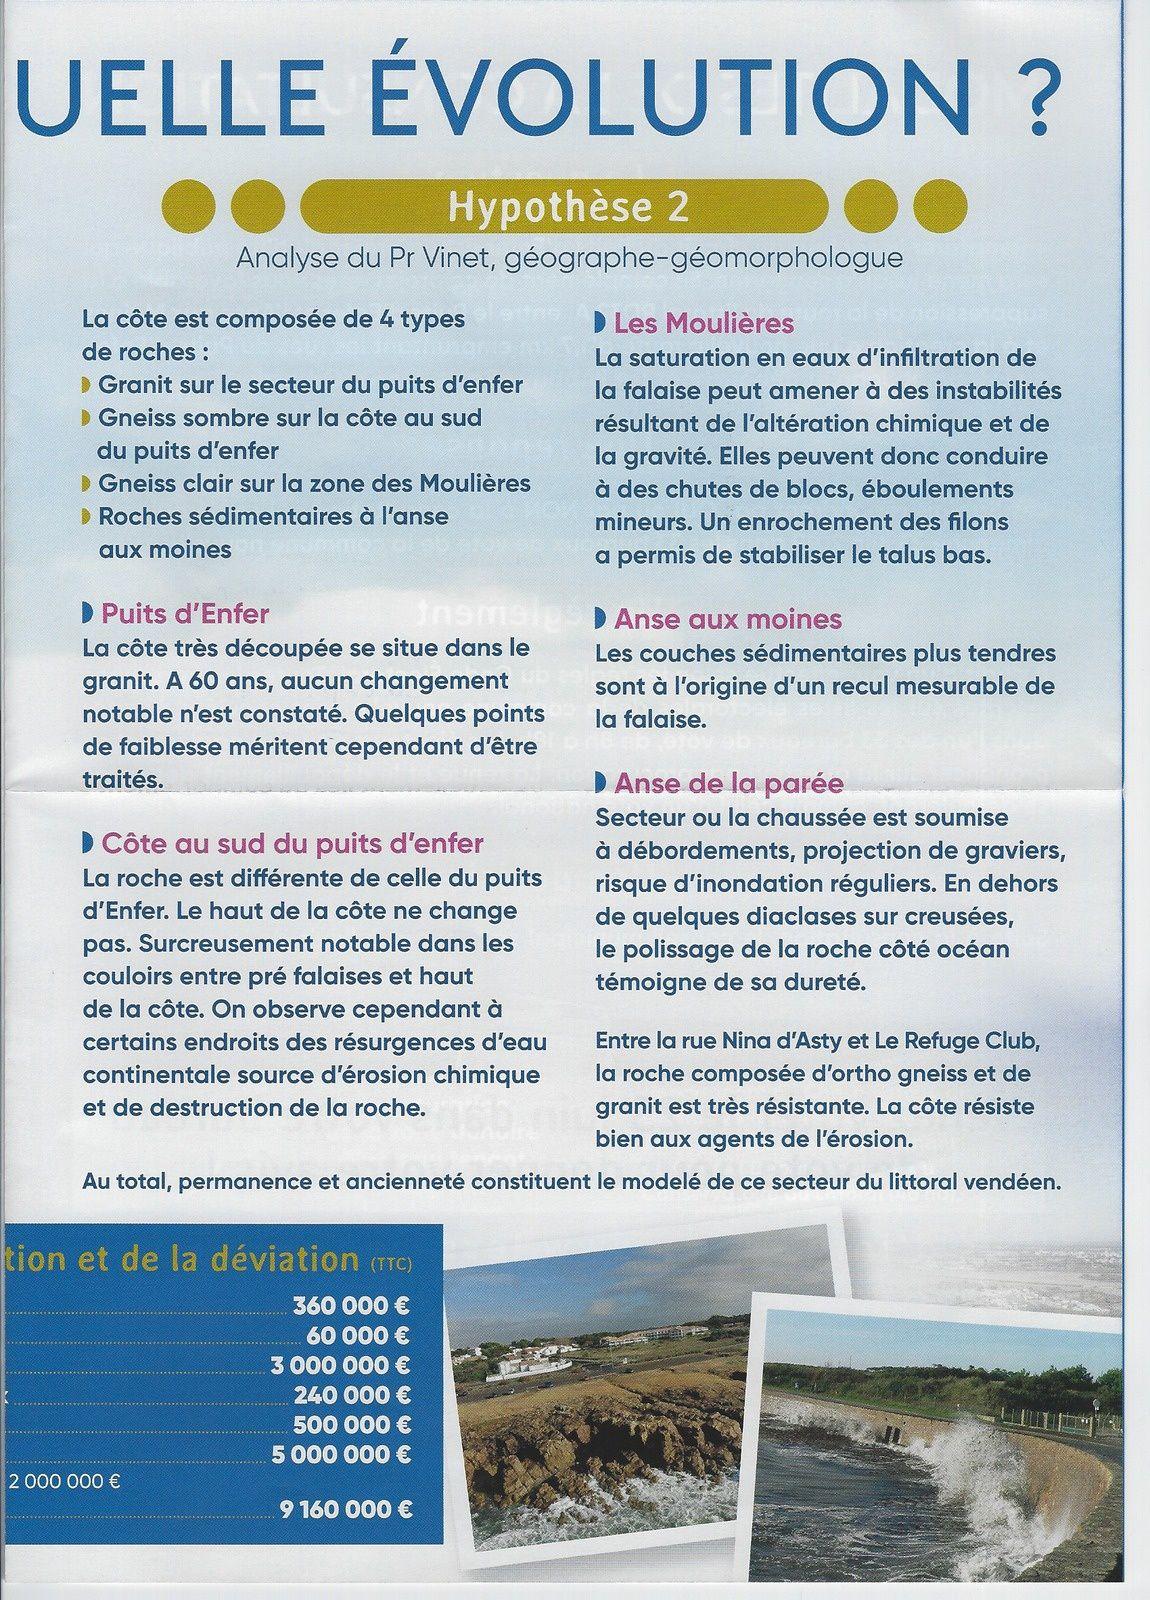 LES SABLES D'OLONNE, ROUTE LITTORALE; LA MAIRIE DIFFUSE UN DOCUMENT EXPLICATIF POUR CE VOTE DU DIMANCHE 23 JUIN 2019